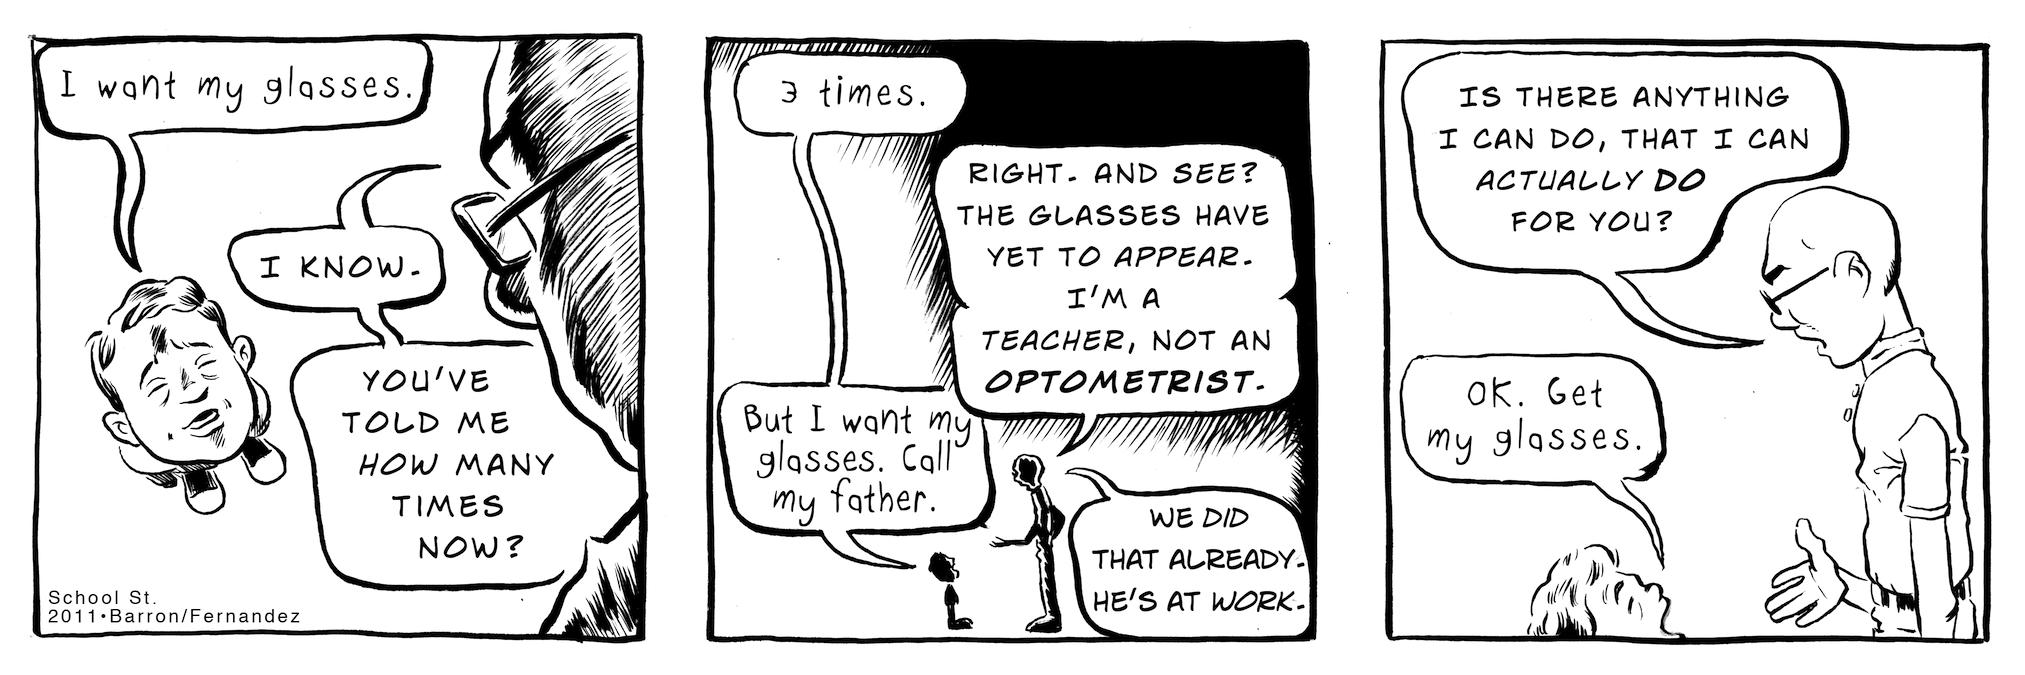 schoolst-013-glasses